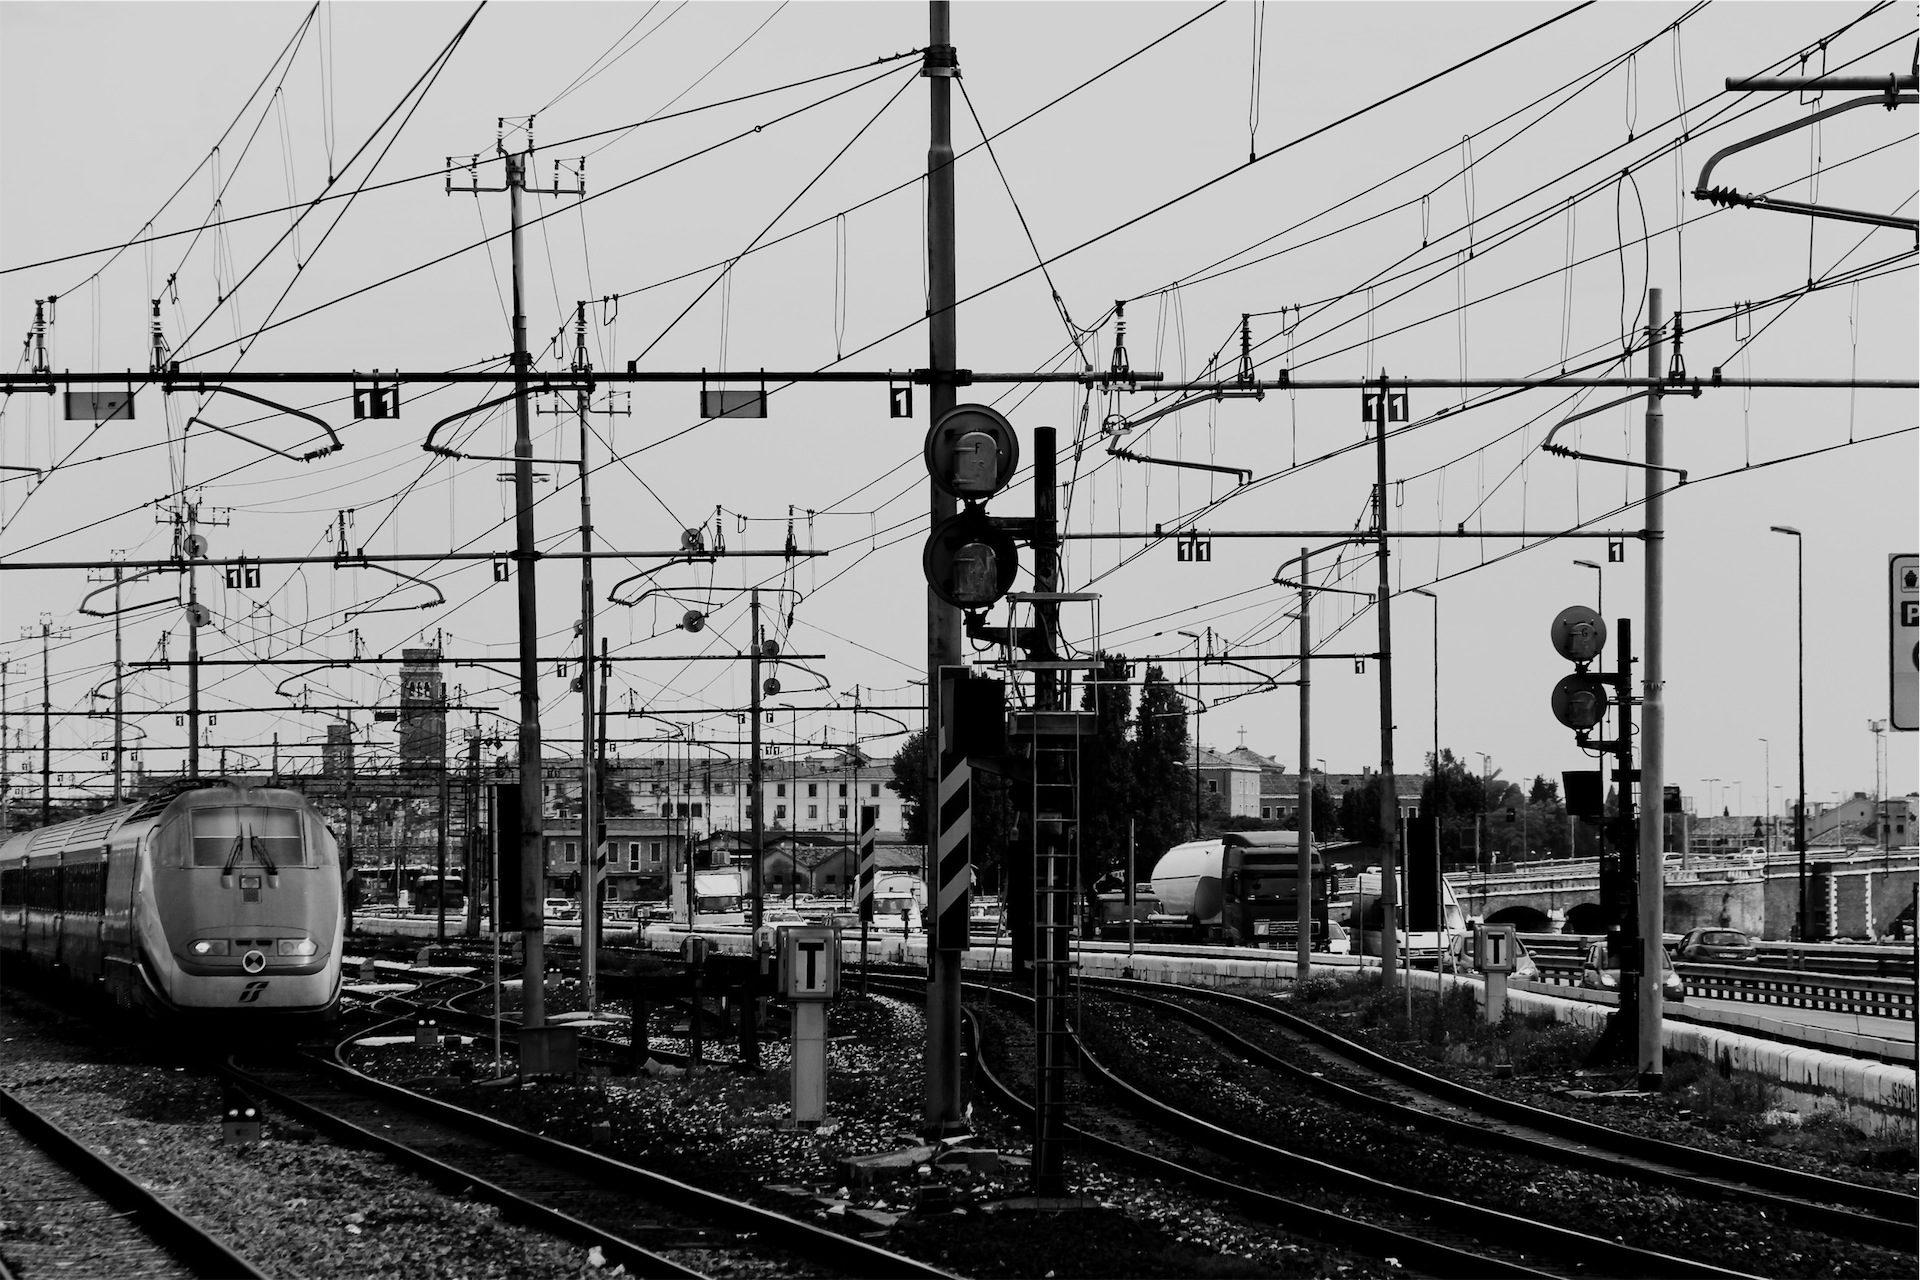 поезд, железная дорога, пути, catenaries, электричество - Обои HD - Профессор falken.com